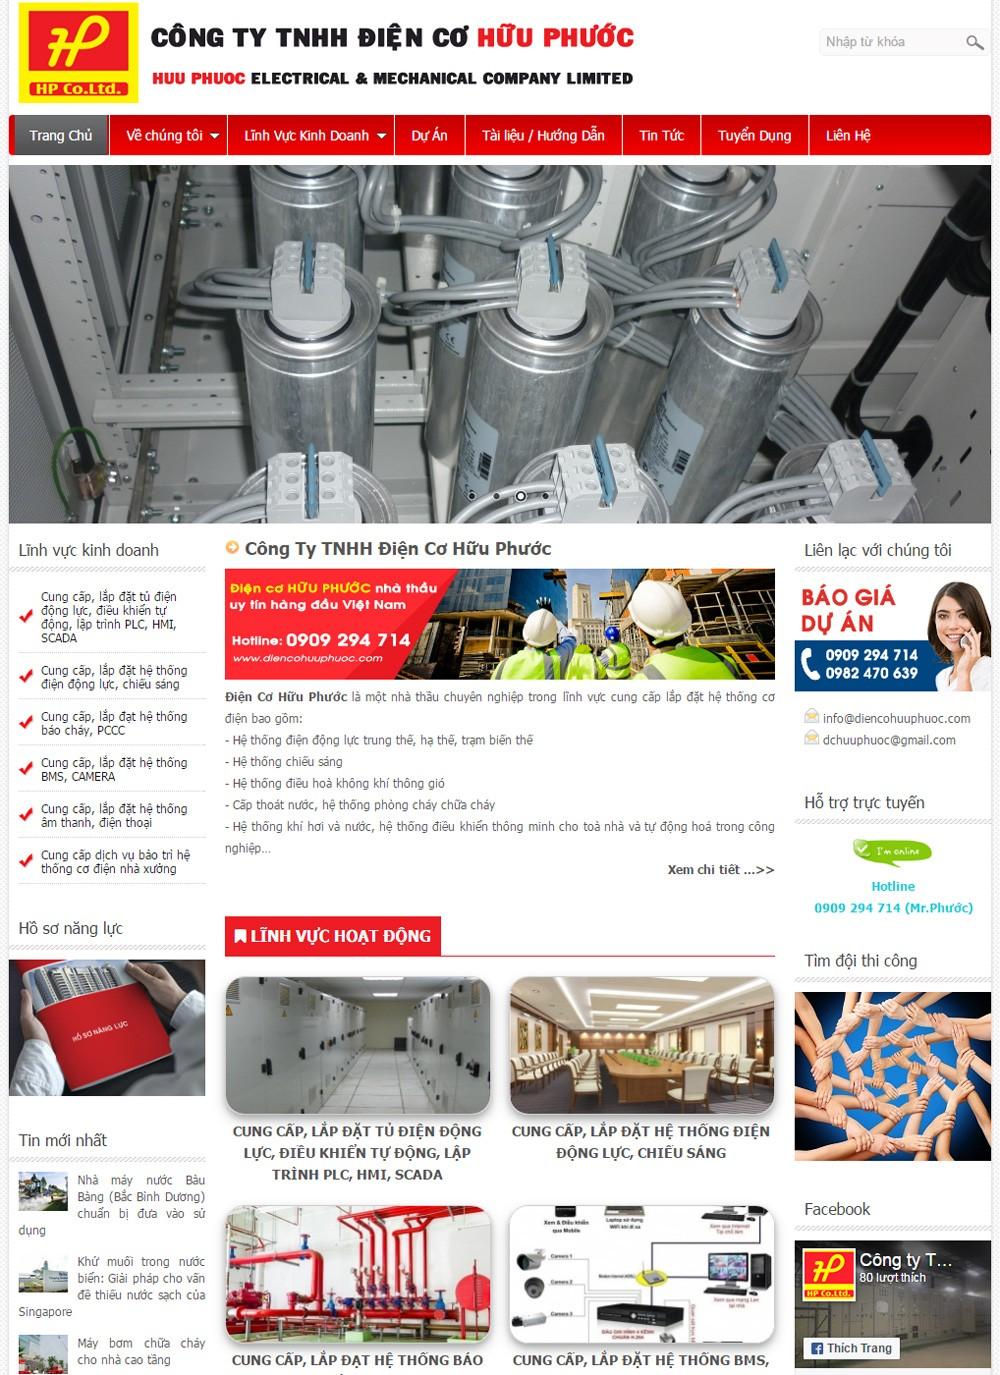 Thiết kế website công ty TNHH Điện Cơ Hữu Phước